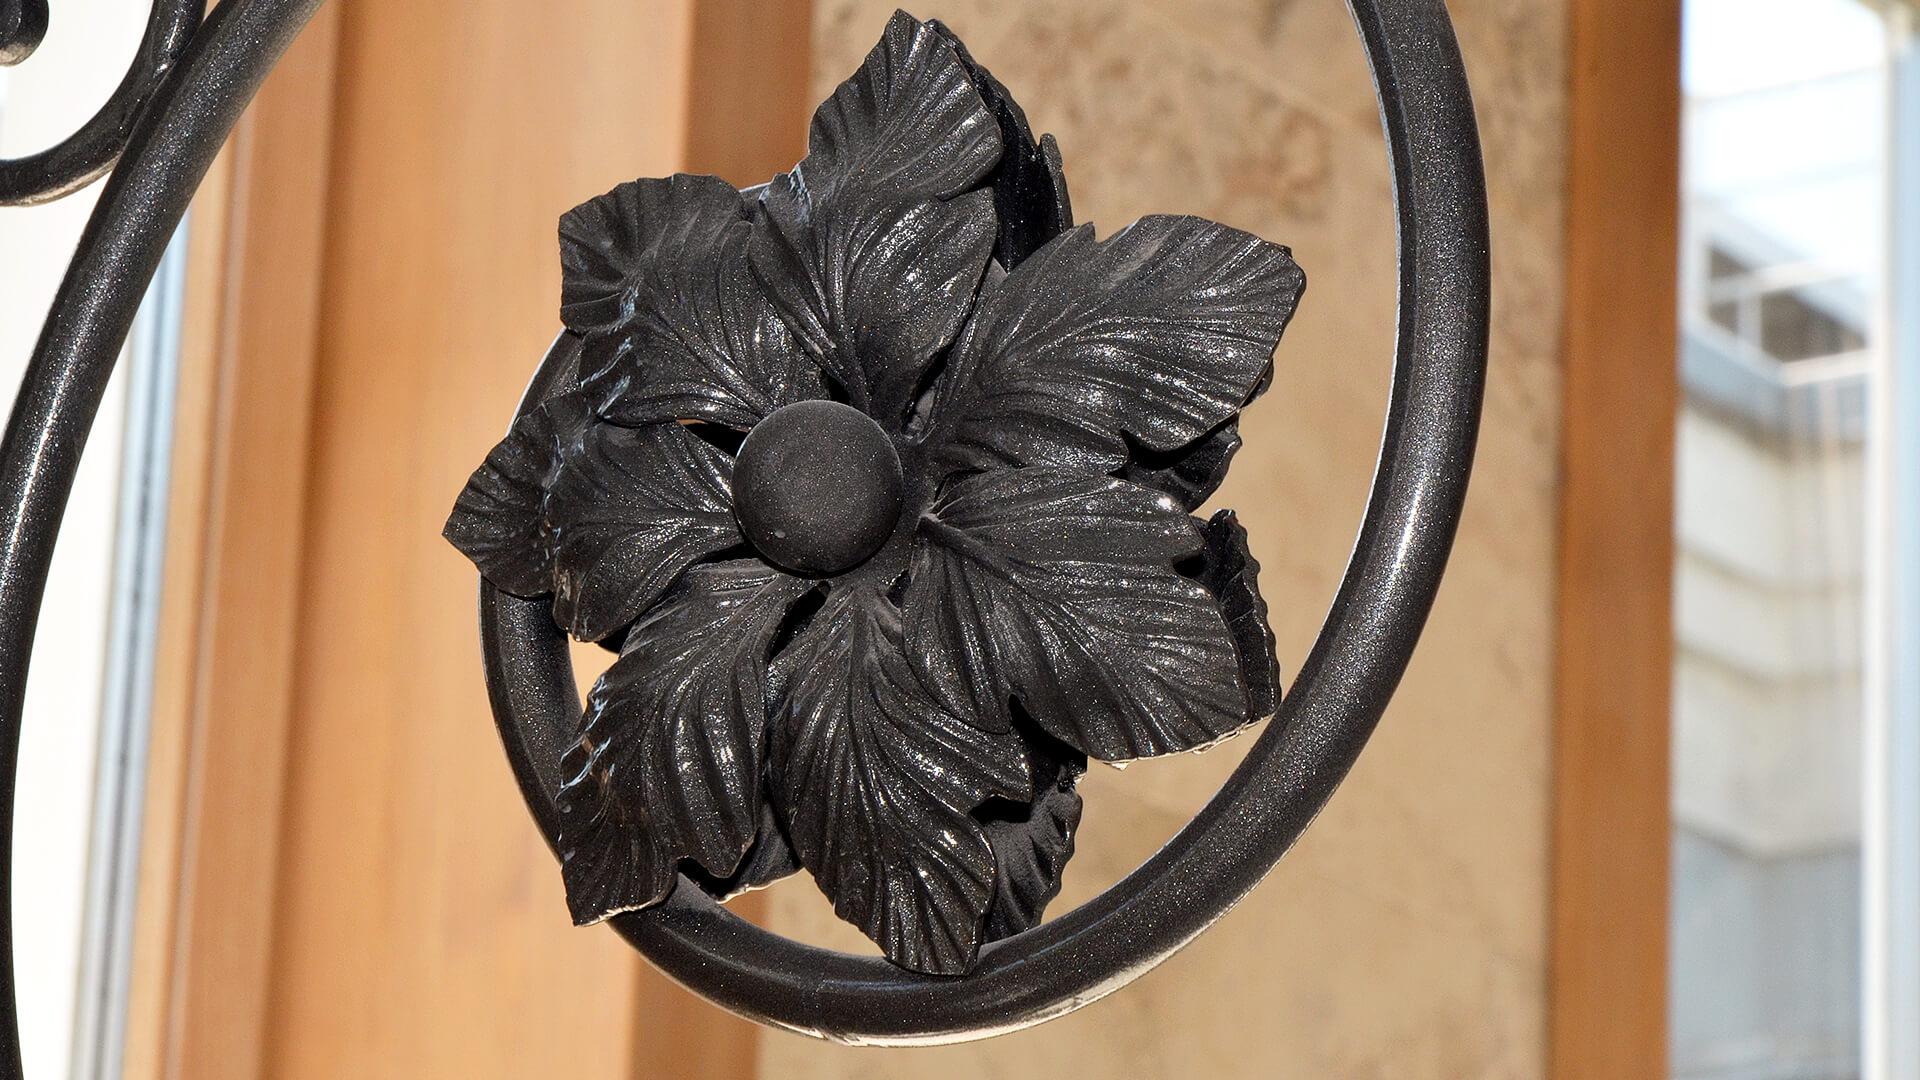 Символизм кованых элементов